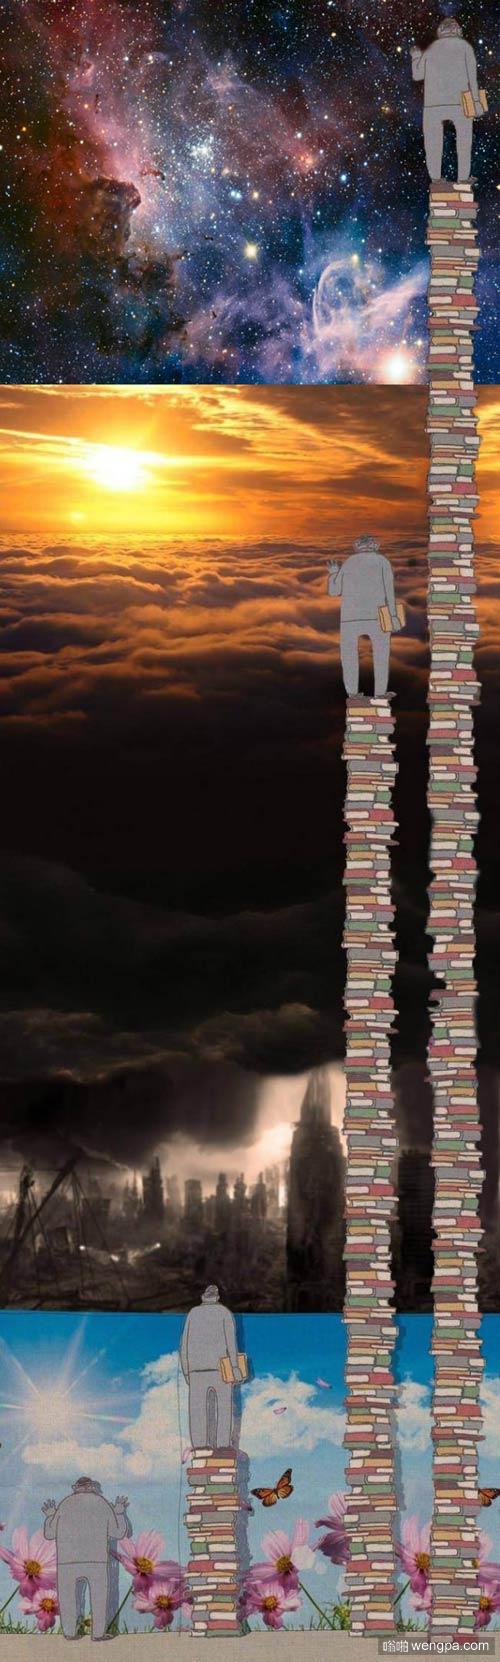 很有寓意的一张图 知识厚度决定视野?